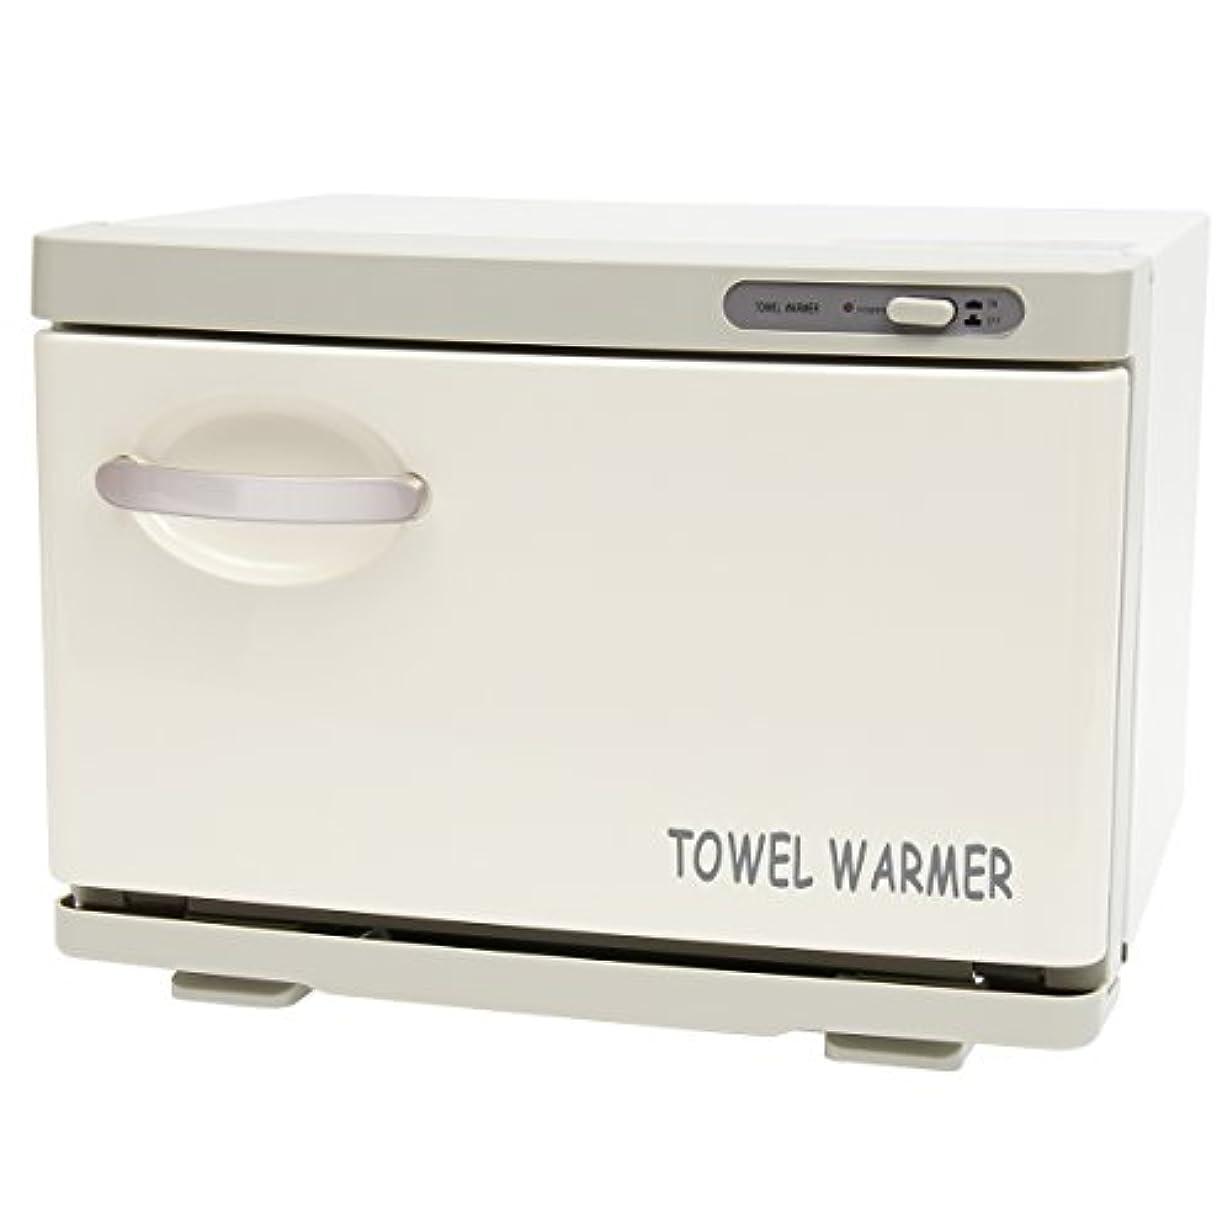 出します共感する順応性のあるタオルウォーマー SH (前開き) 7.5L [ タオル蒸し器 おしぼり蒸し器 タオルスチーマー ホットボックス タオル おしぼり ウォーマー スチーマー 小型 業務用 保温器 ]